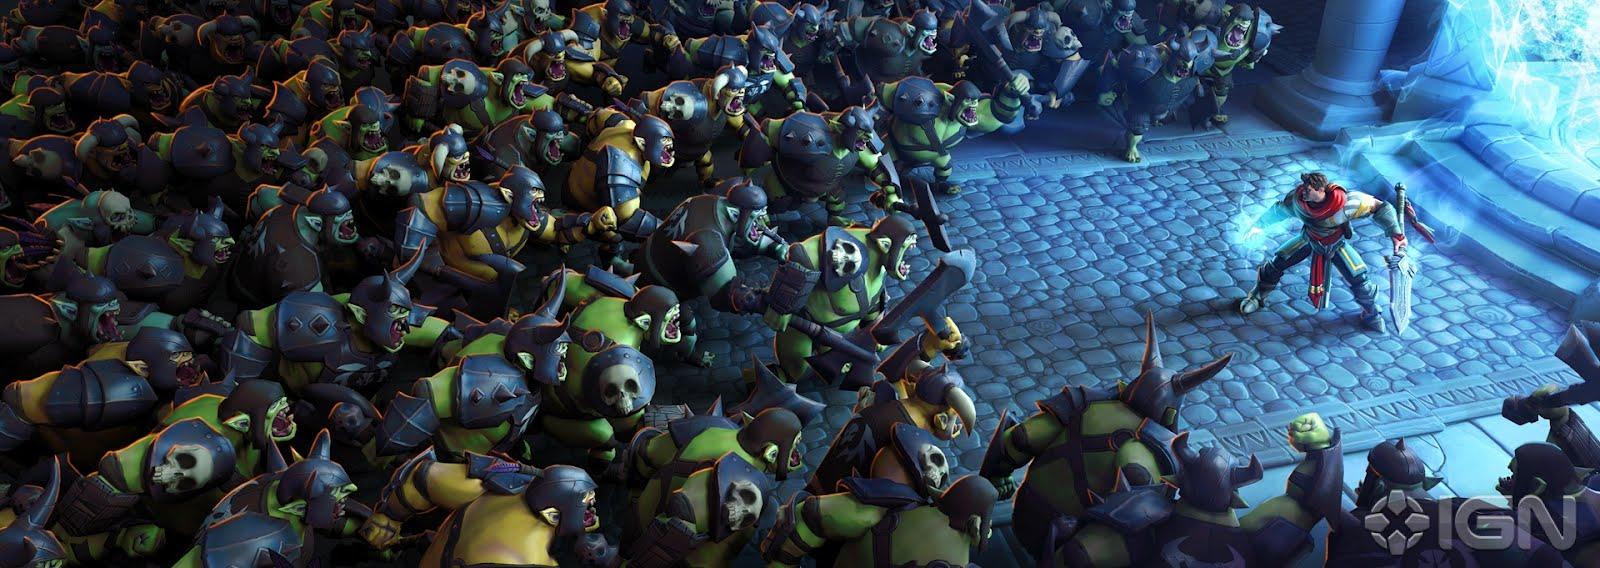 【収穫の秋】戦火の中犯される娘達182【略奪の秋】 [無断転載禁止]©bbspink.comYouTube動画>1本 ->画像>303枚